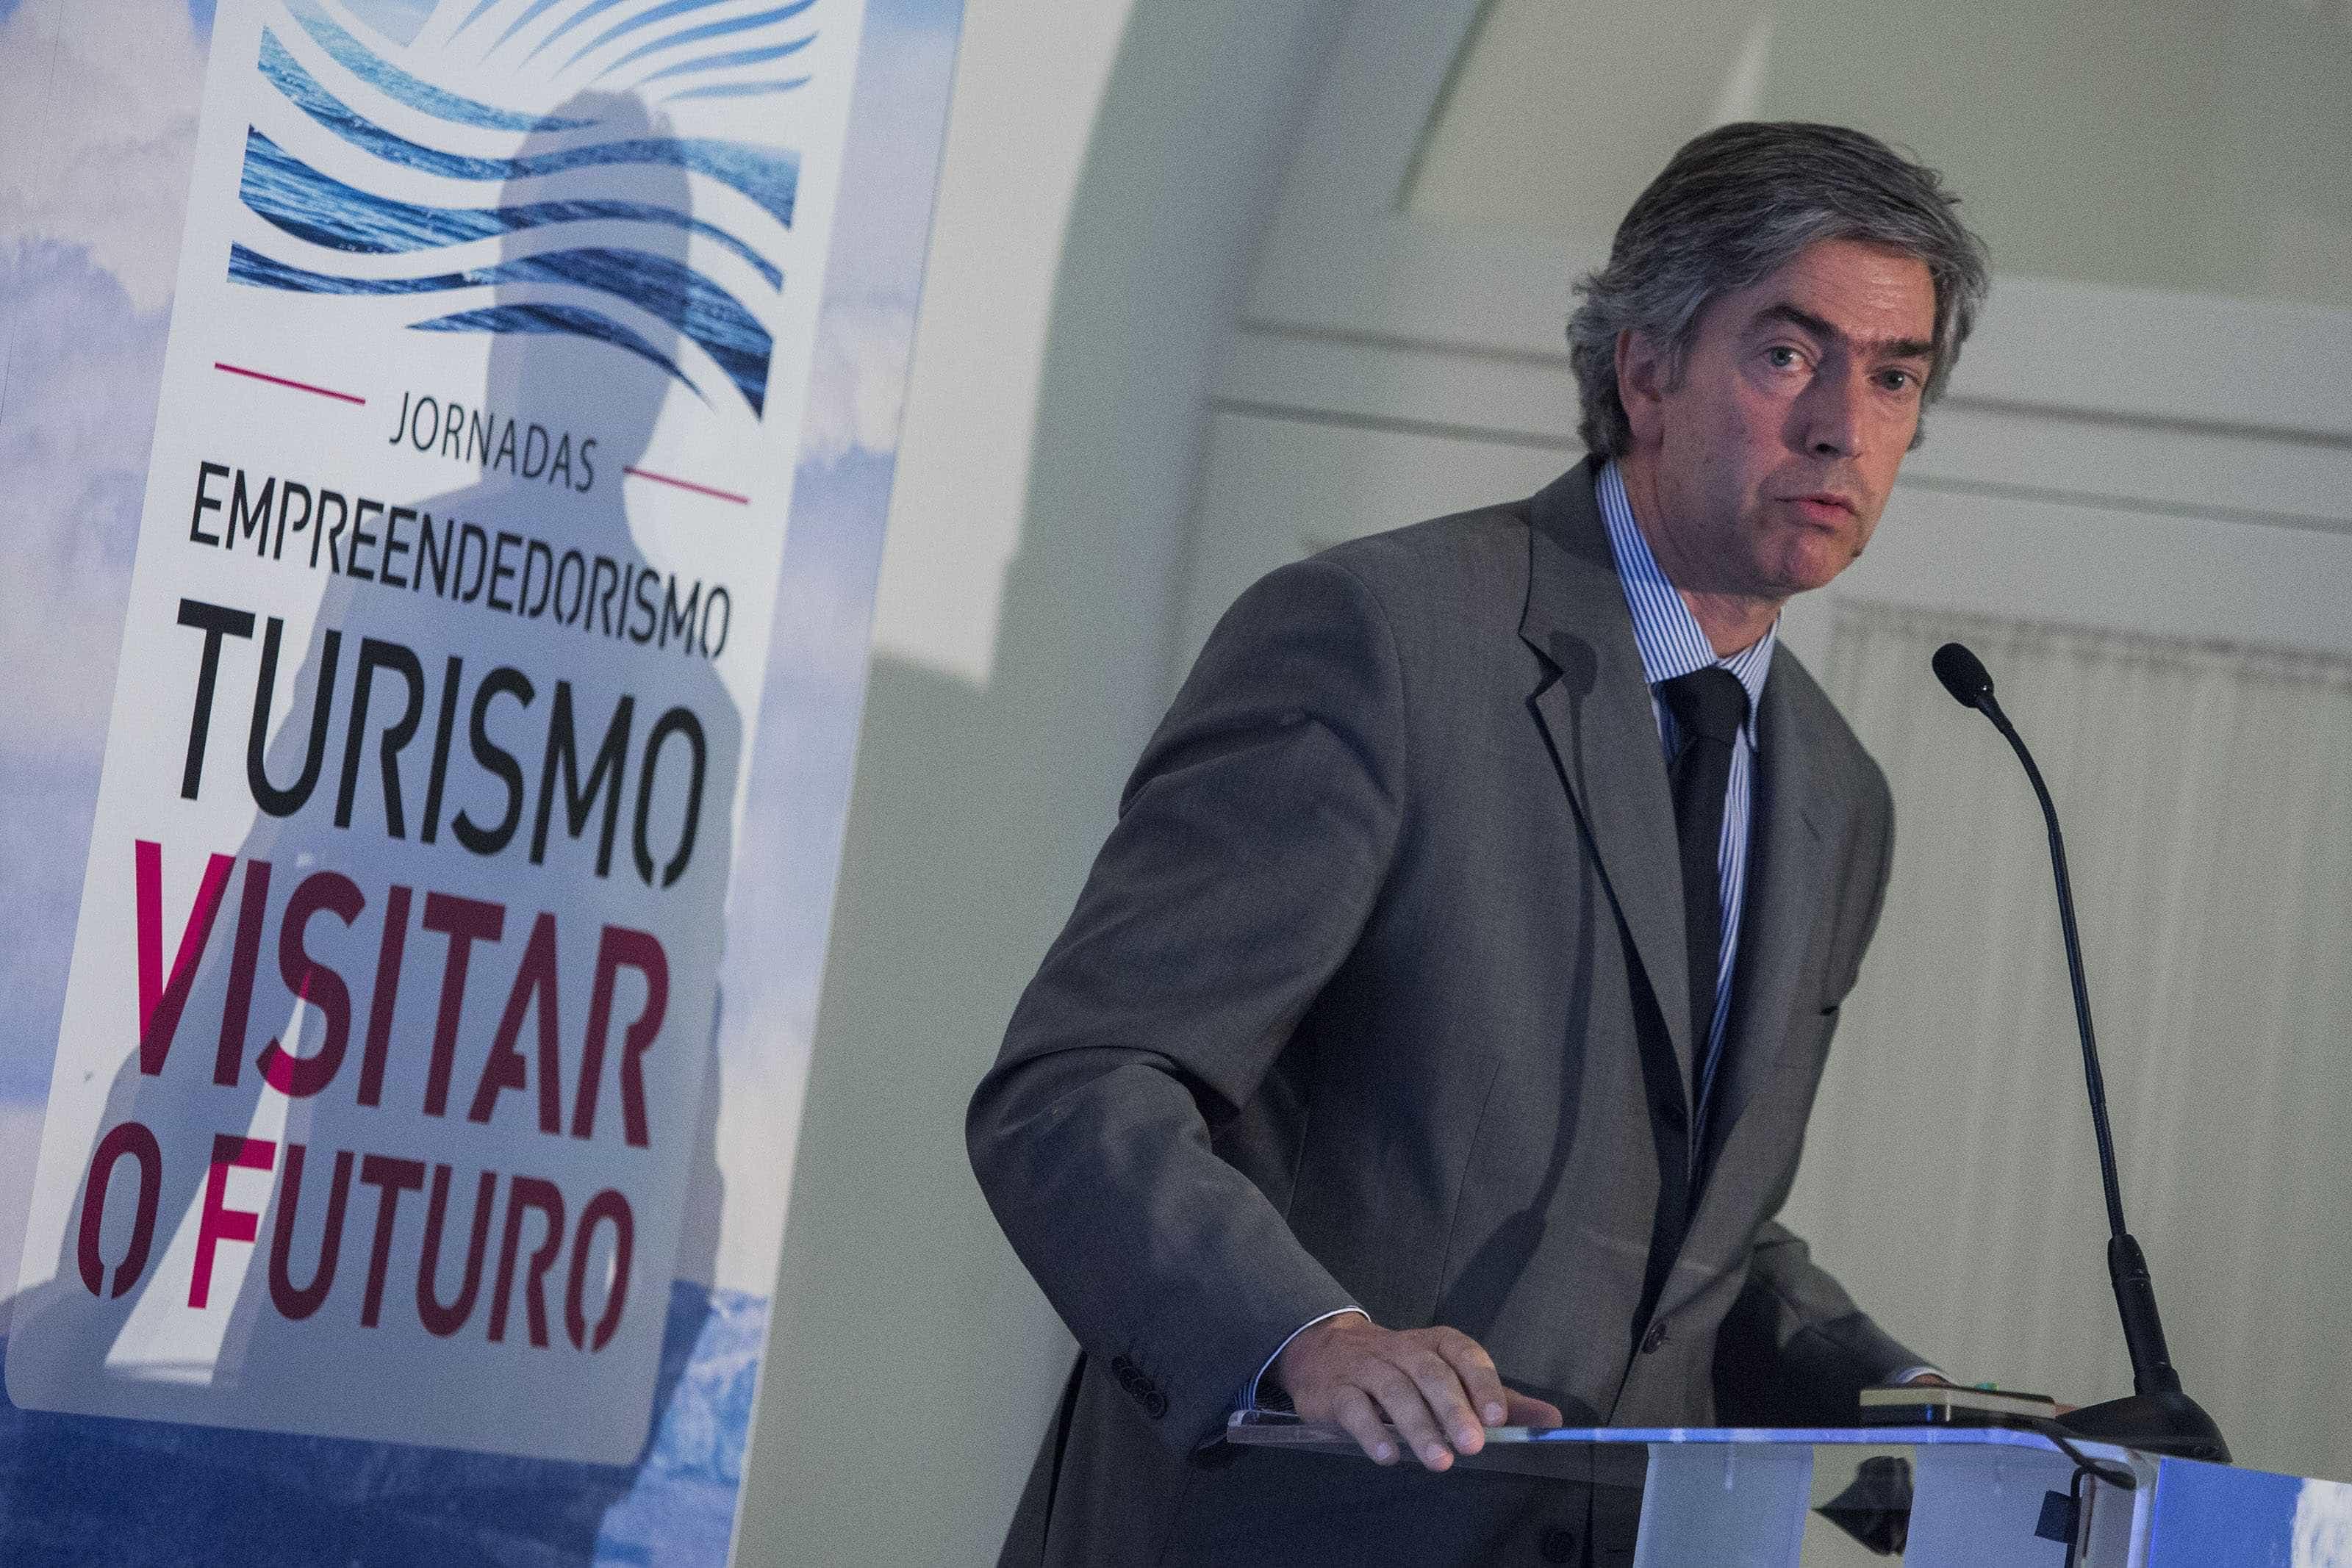 Campanha de promoção turística do Centro conquista galardão internacional